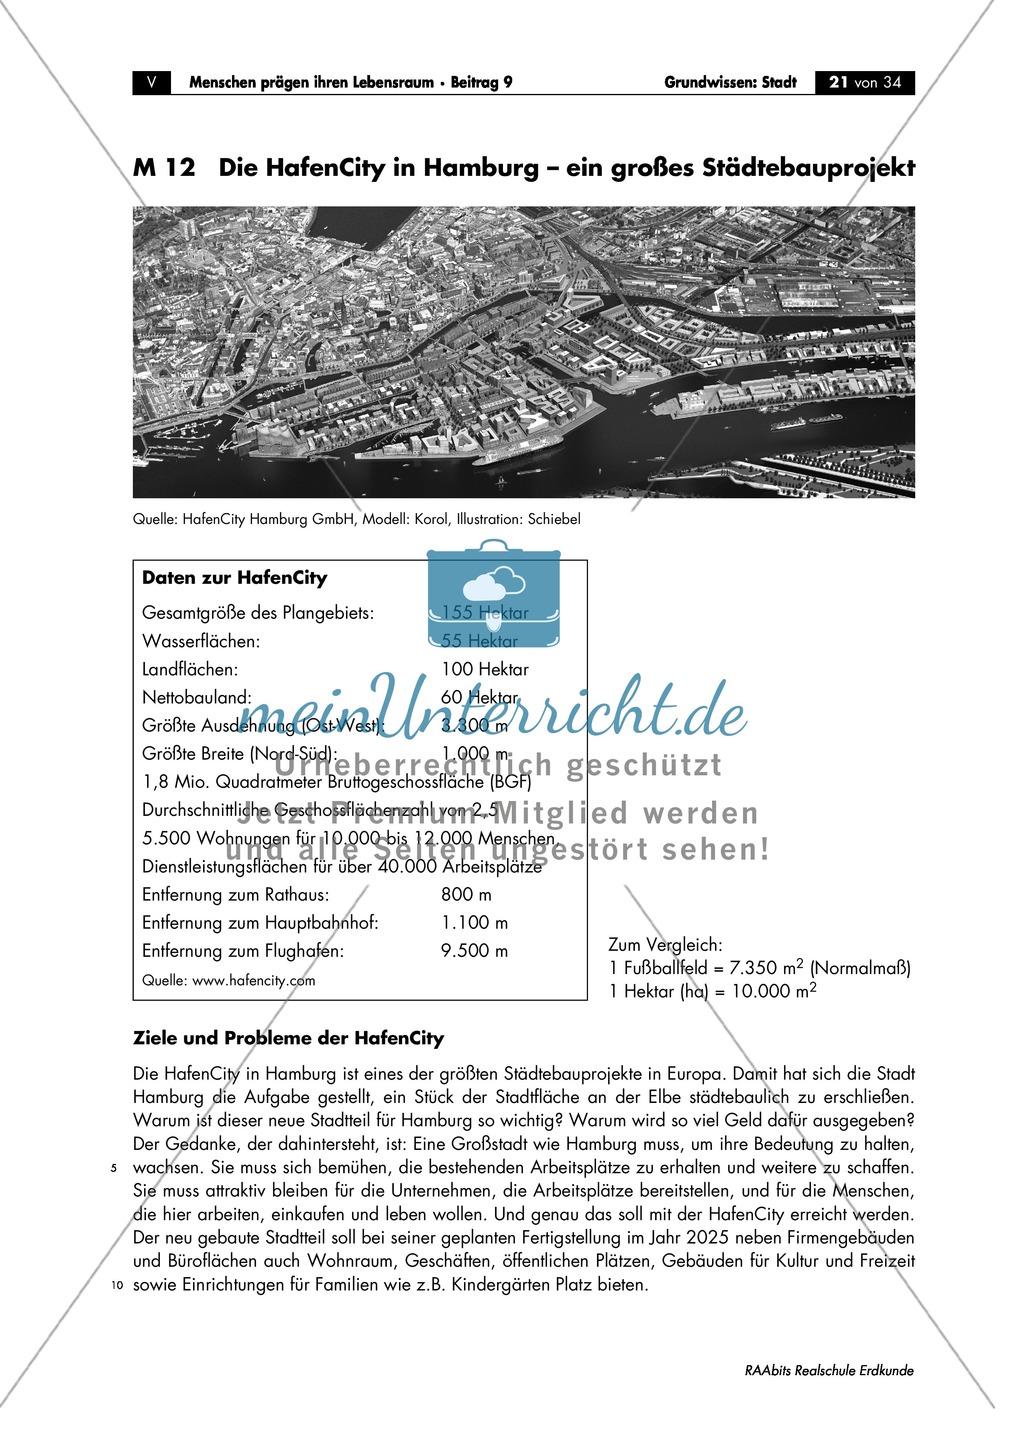 Grundlagen Stadt: Hamburg - Hafencity + Städtebauprojekt Preview 2